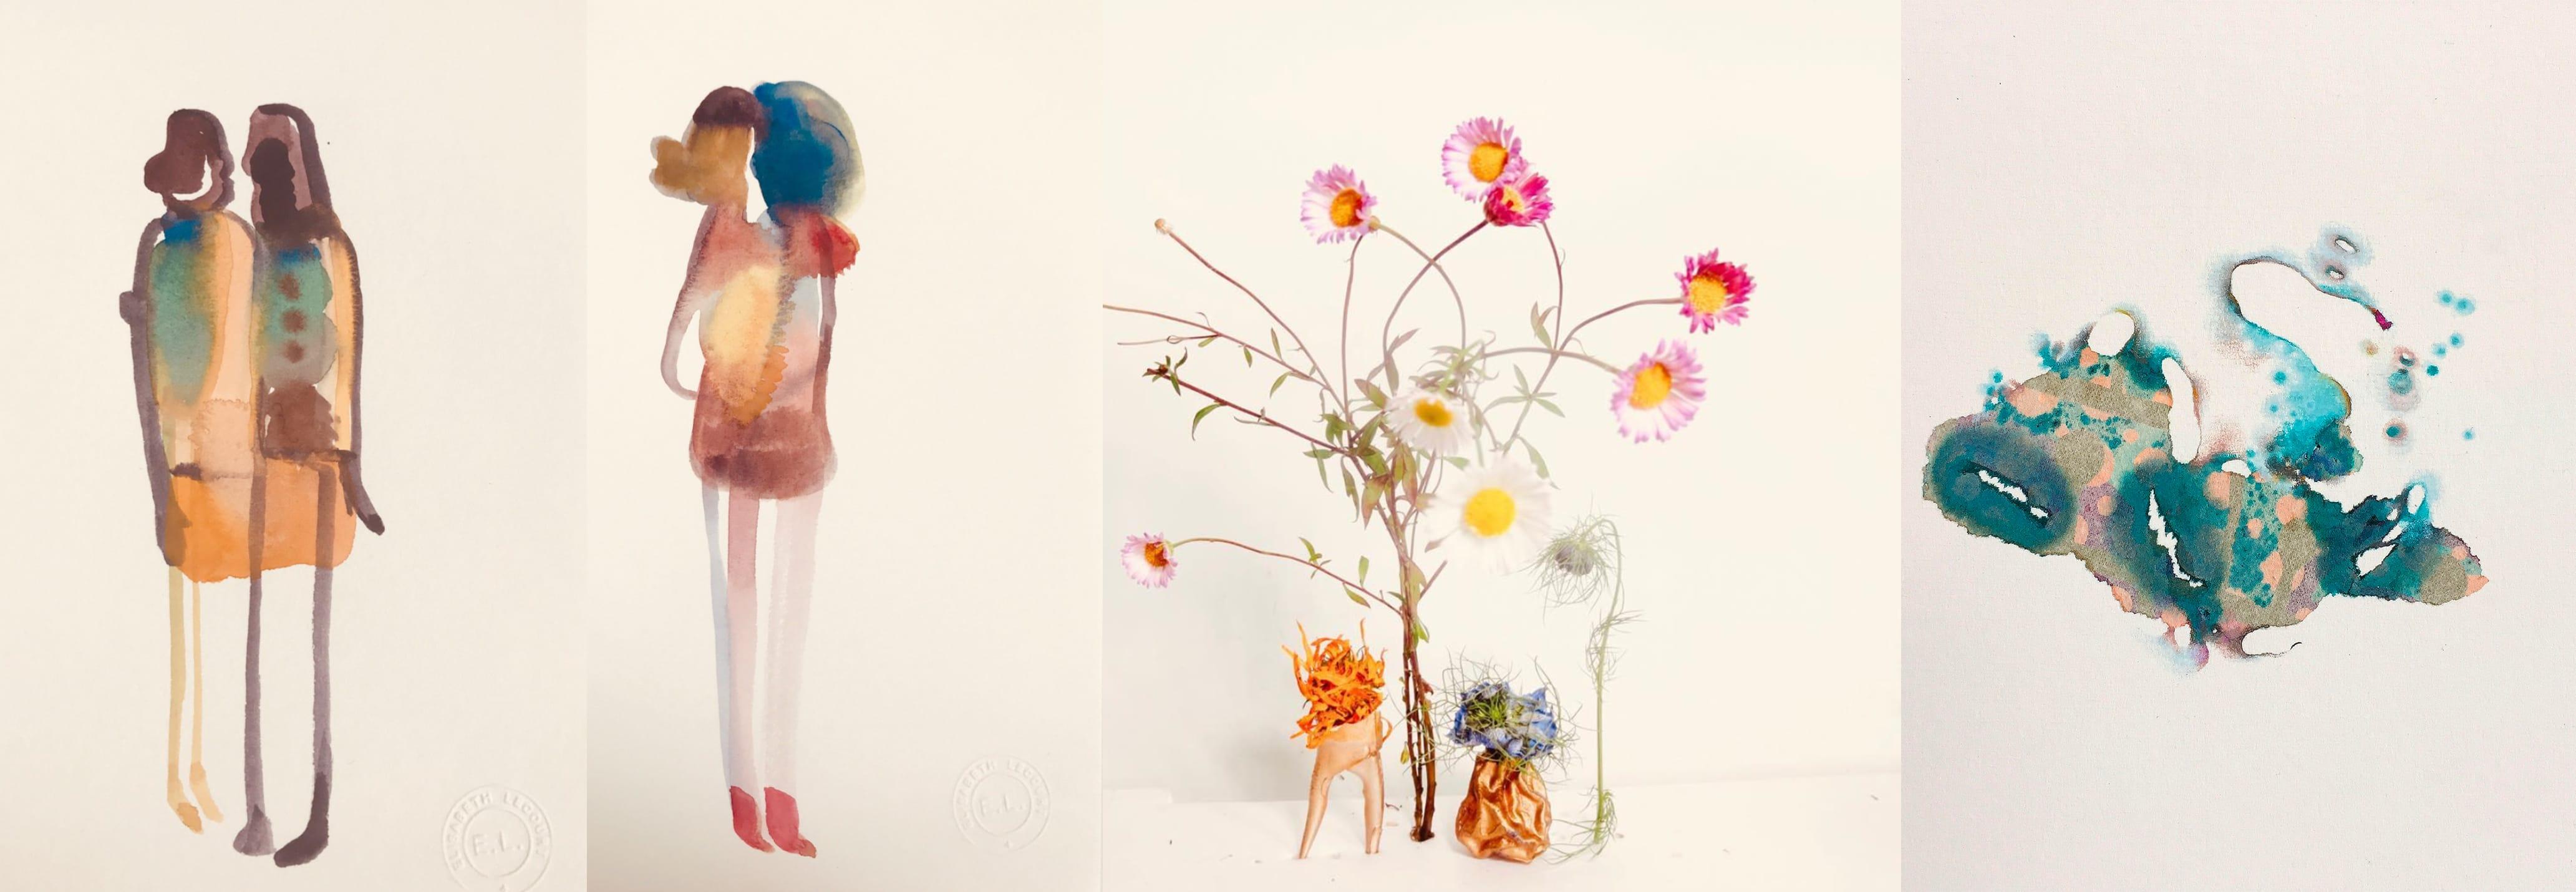 L'appel du printemps - Exposition collective